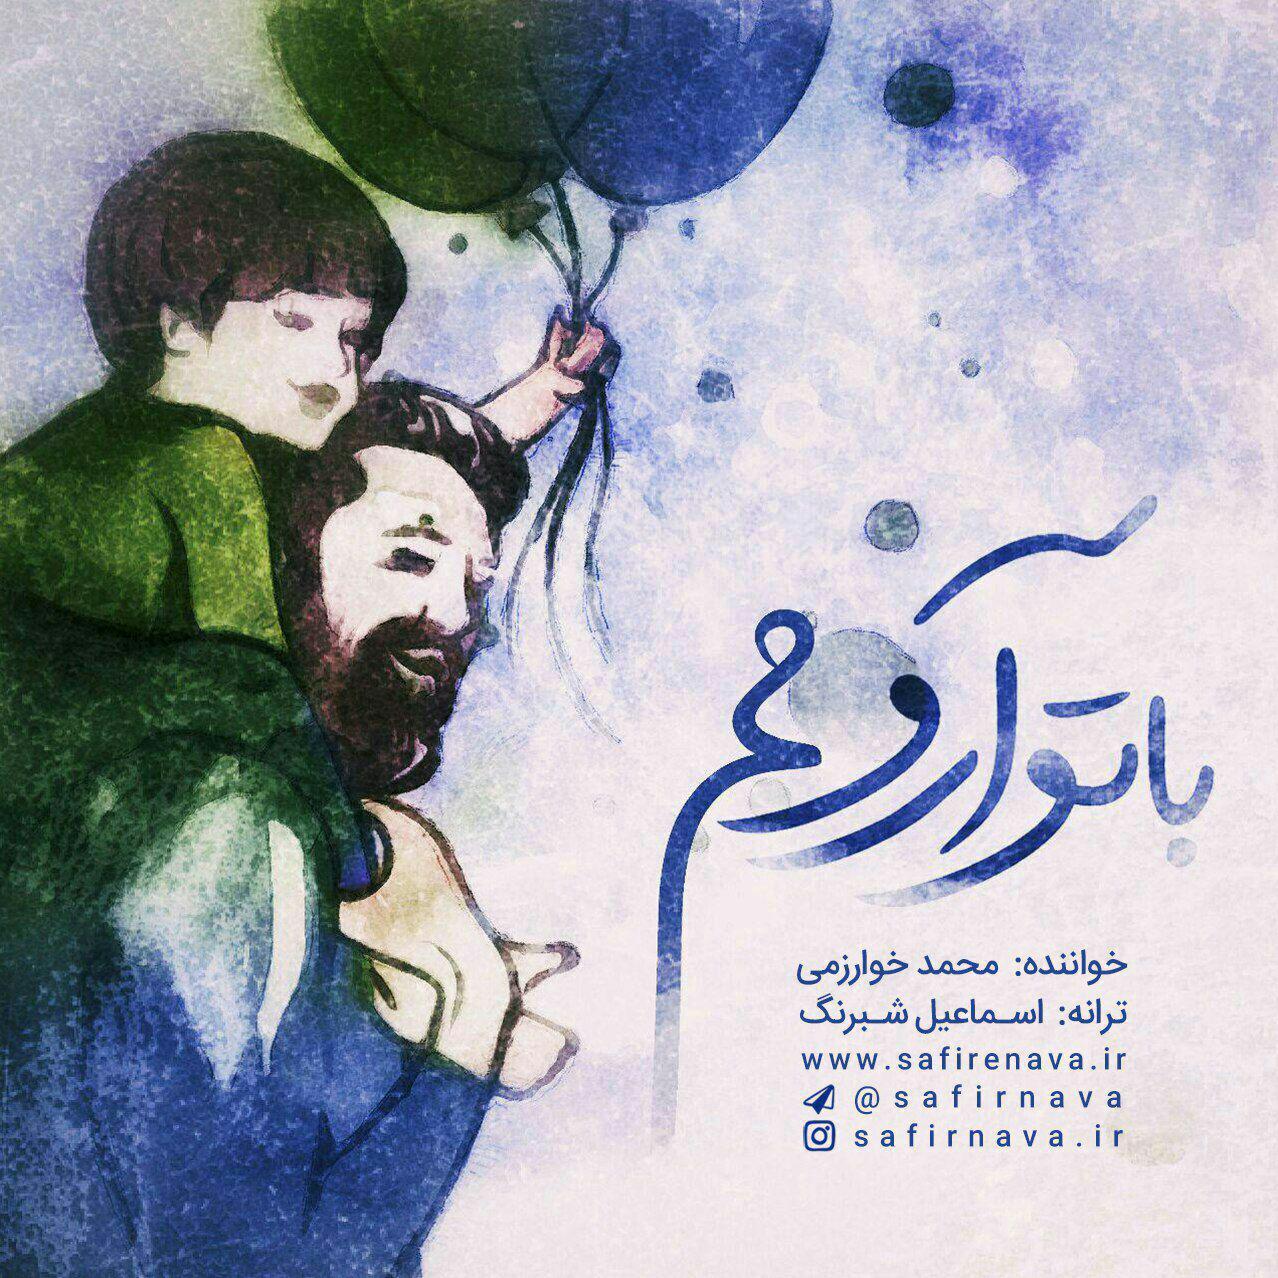 Mohammad Kharazmi – Ba To Aromam